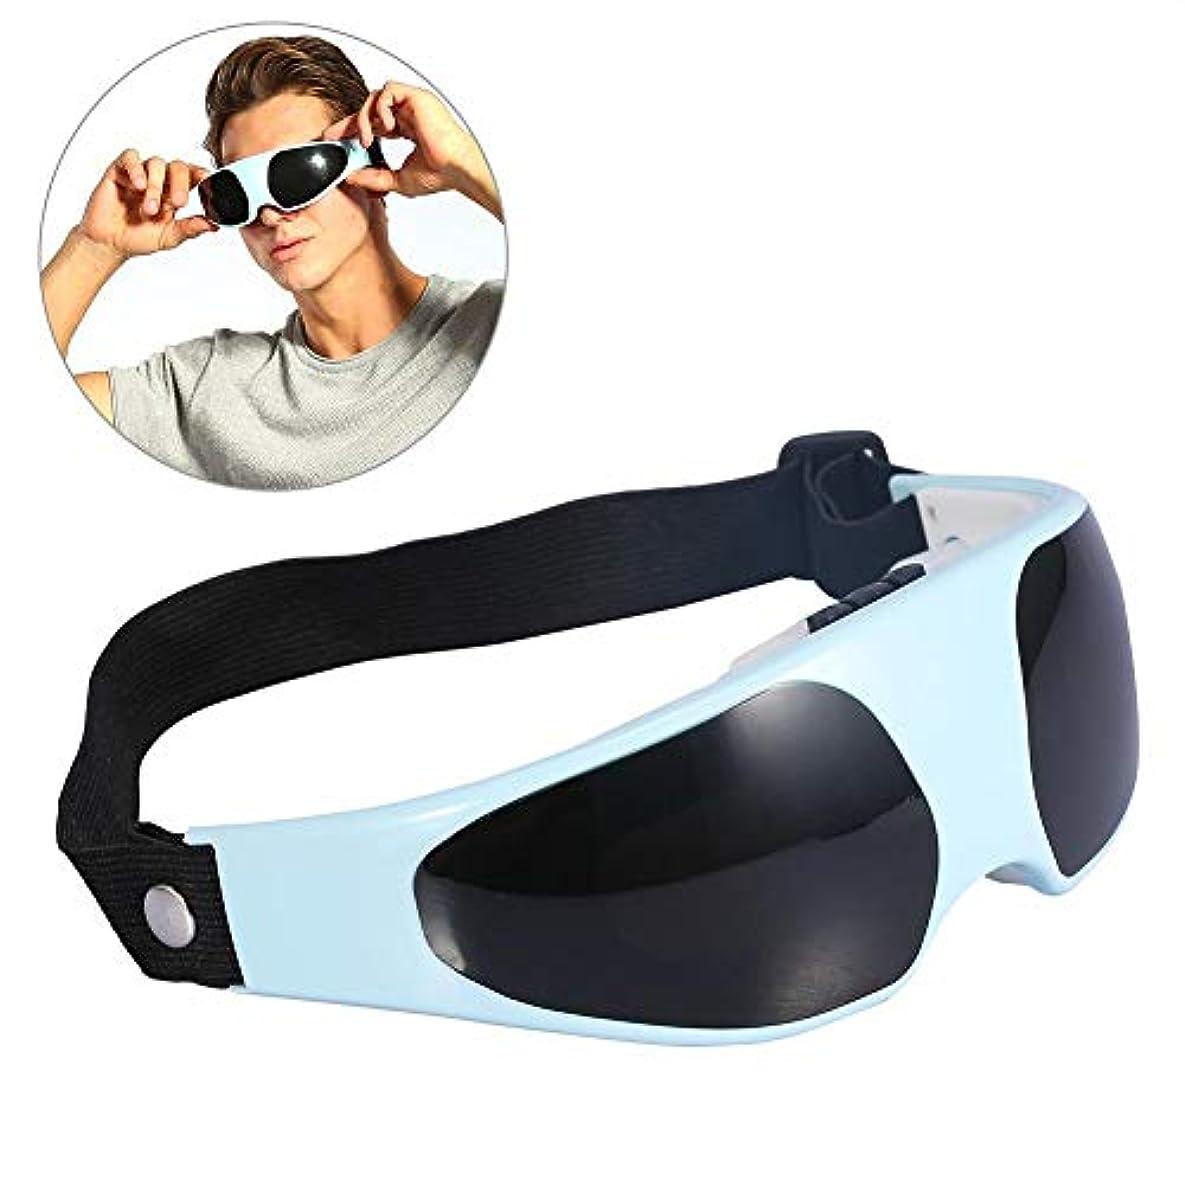 活性化する紳士見せますアイマッサージャー、コードレス電動アイマスクマッサージ新しい便利なエレクトリックリリーフ疲労ヘルシー片頭痛マスク額アイマッサージャーヘルスケア